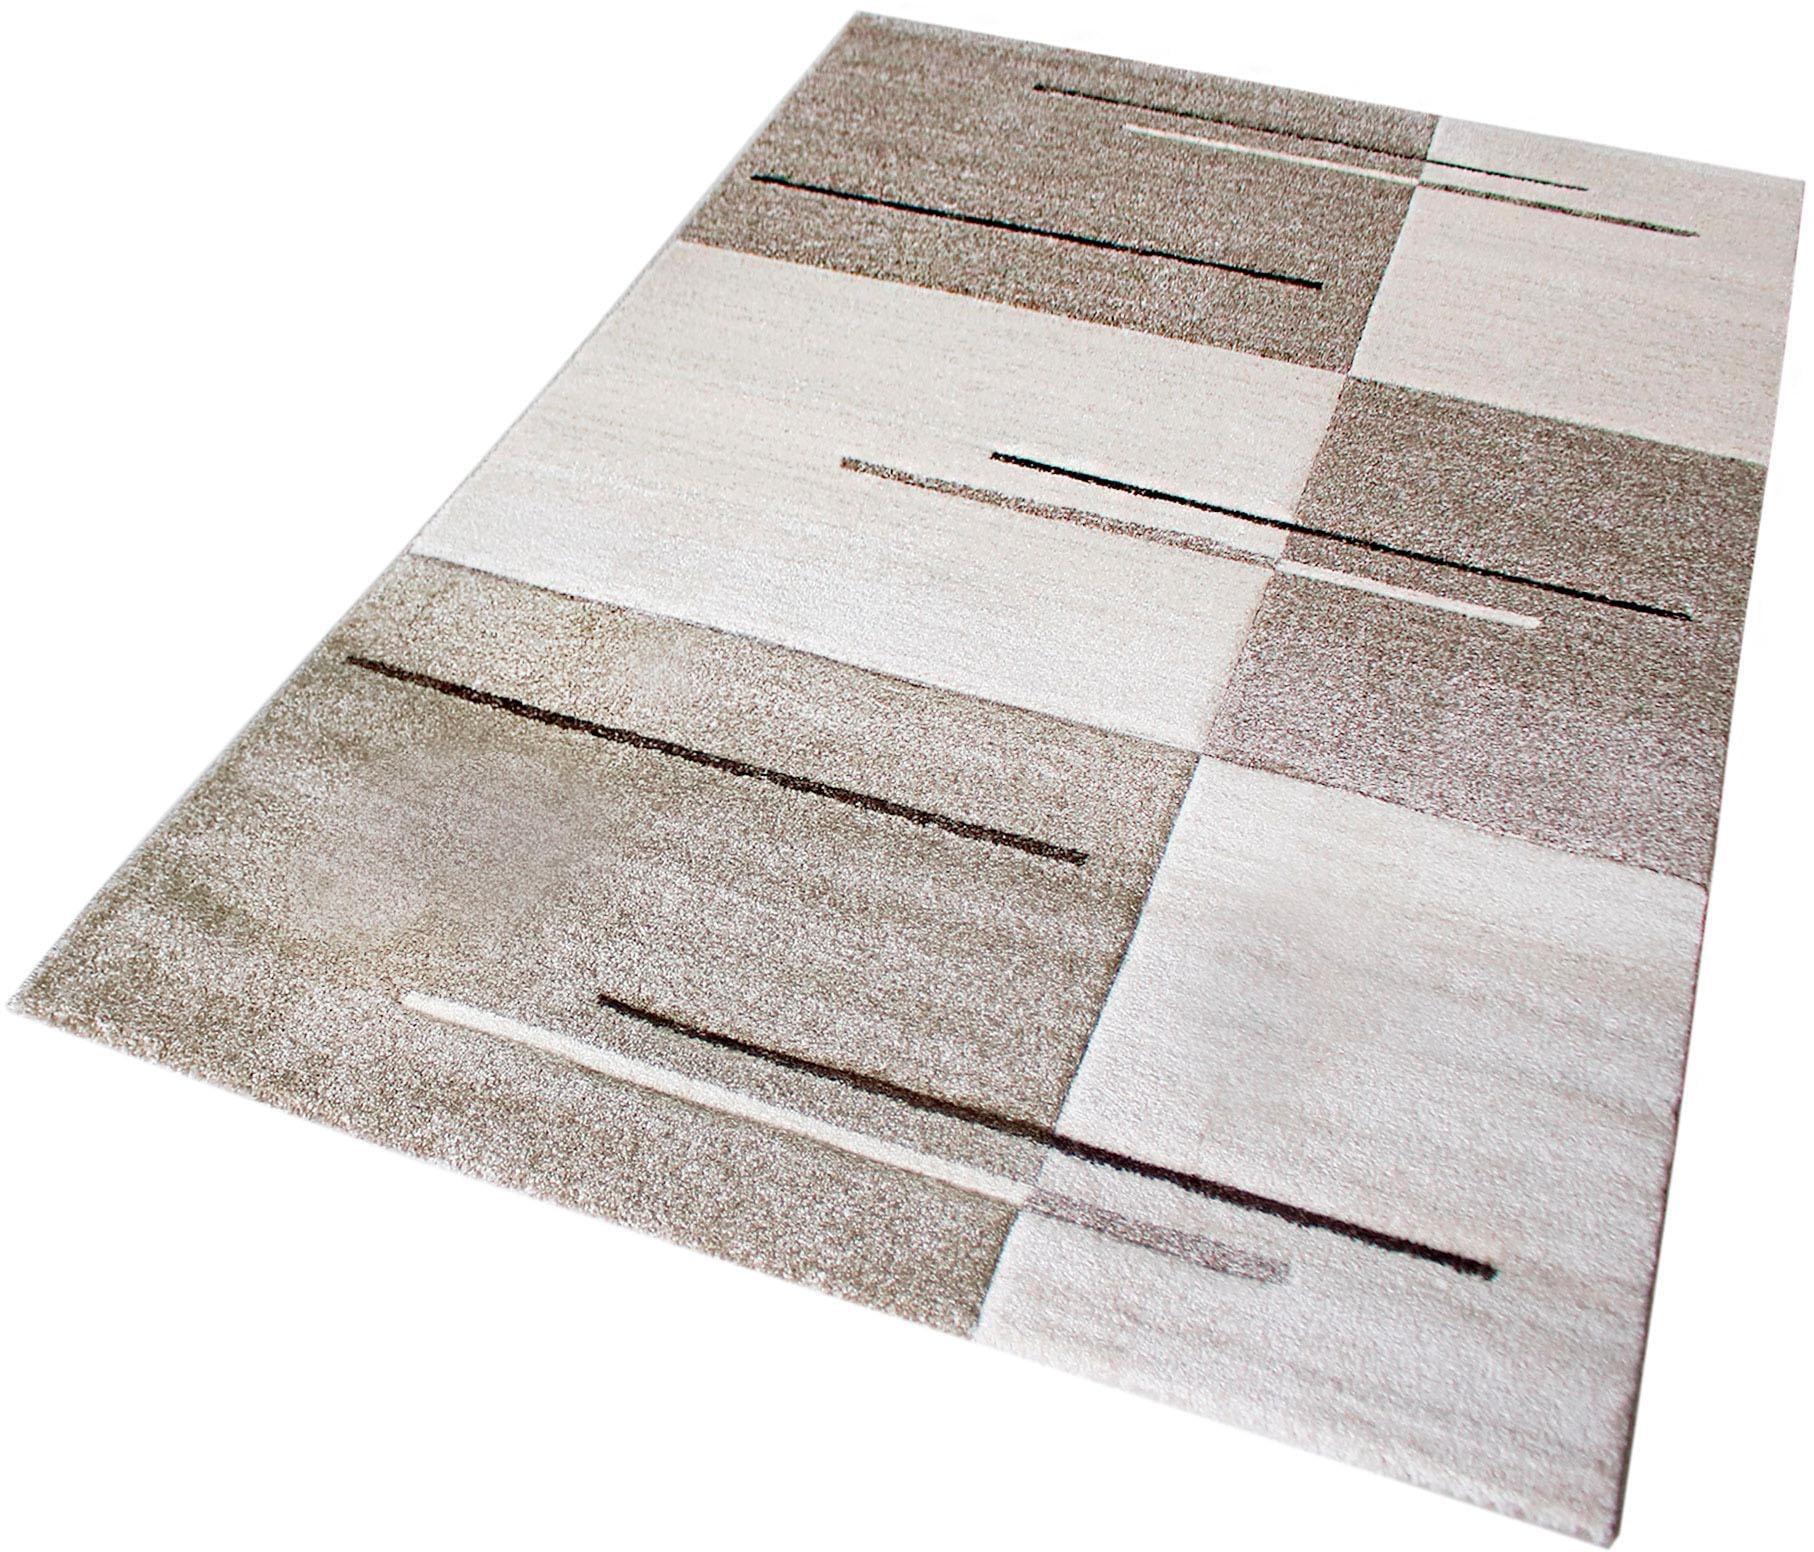 Teppich Trend 7423 Sehrazat rechteckig Höhe 13 mm maschinell gewebt